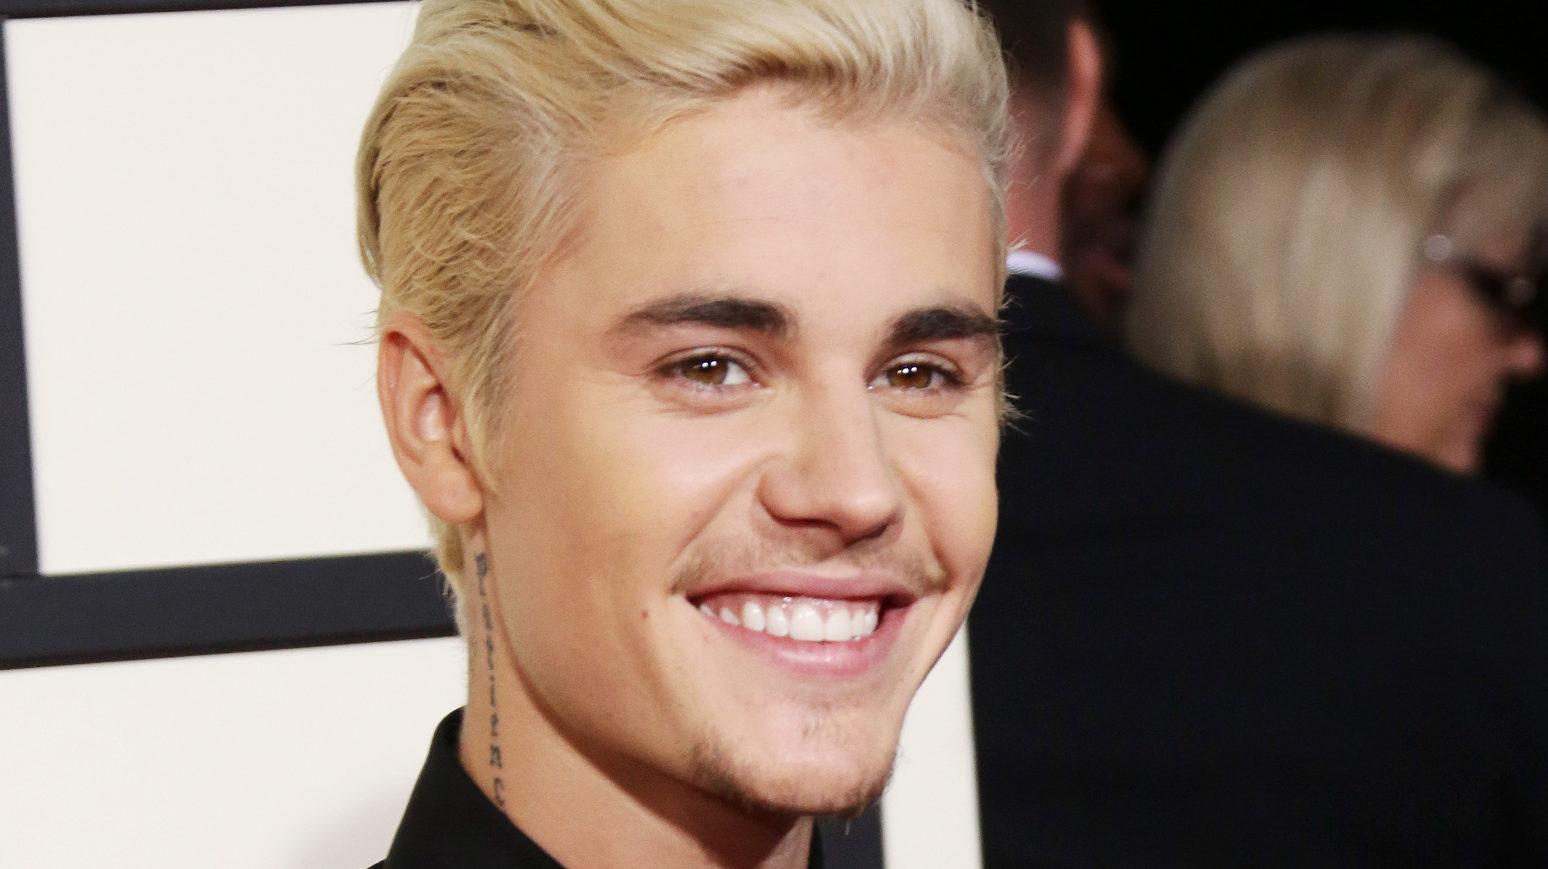 Justin Bieber falou sobre seu vício nas drogas e contou que quase morreu (Foto: Reprodução)